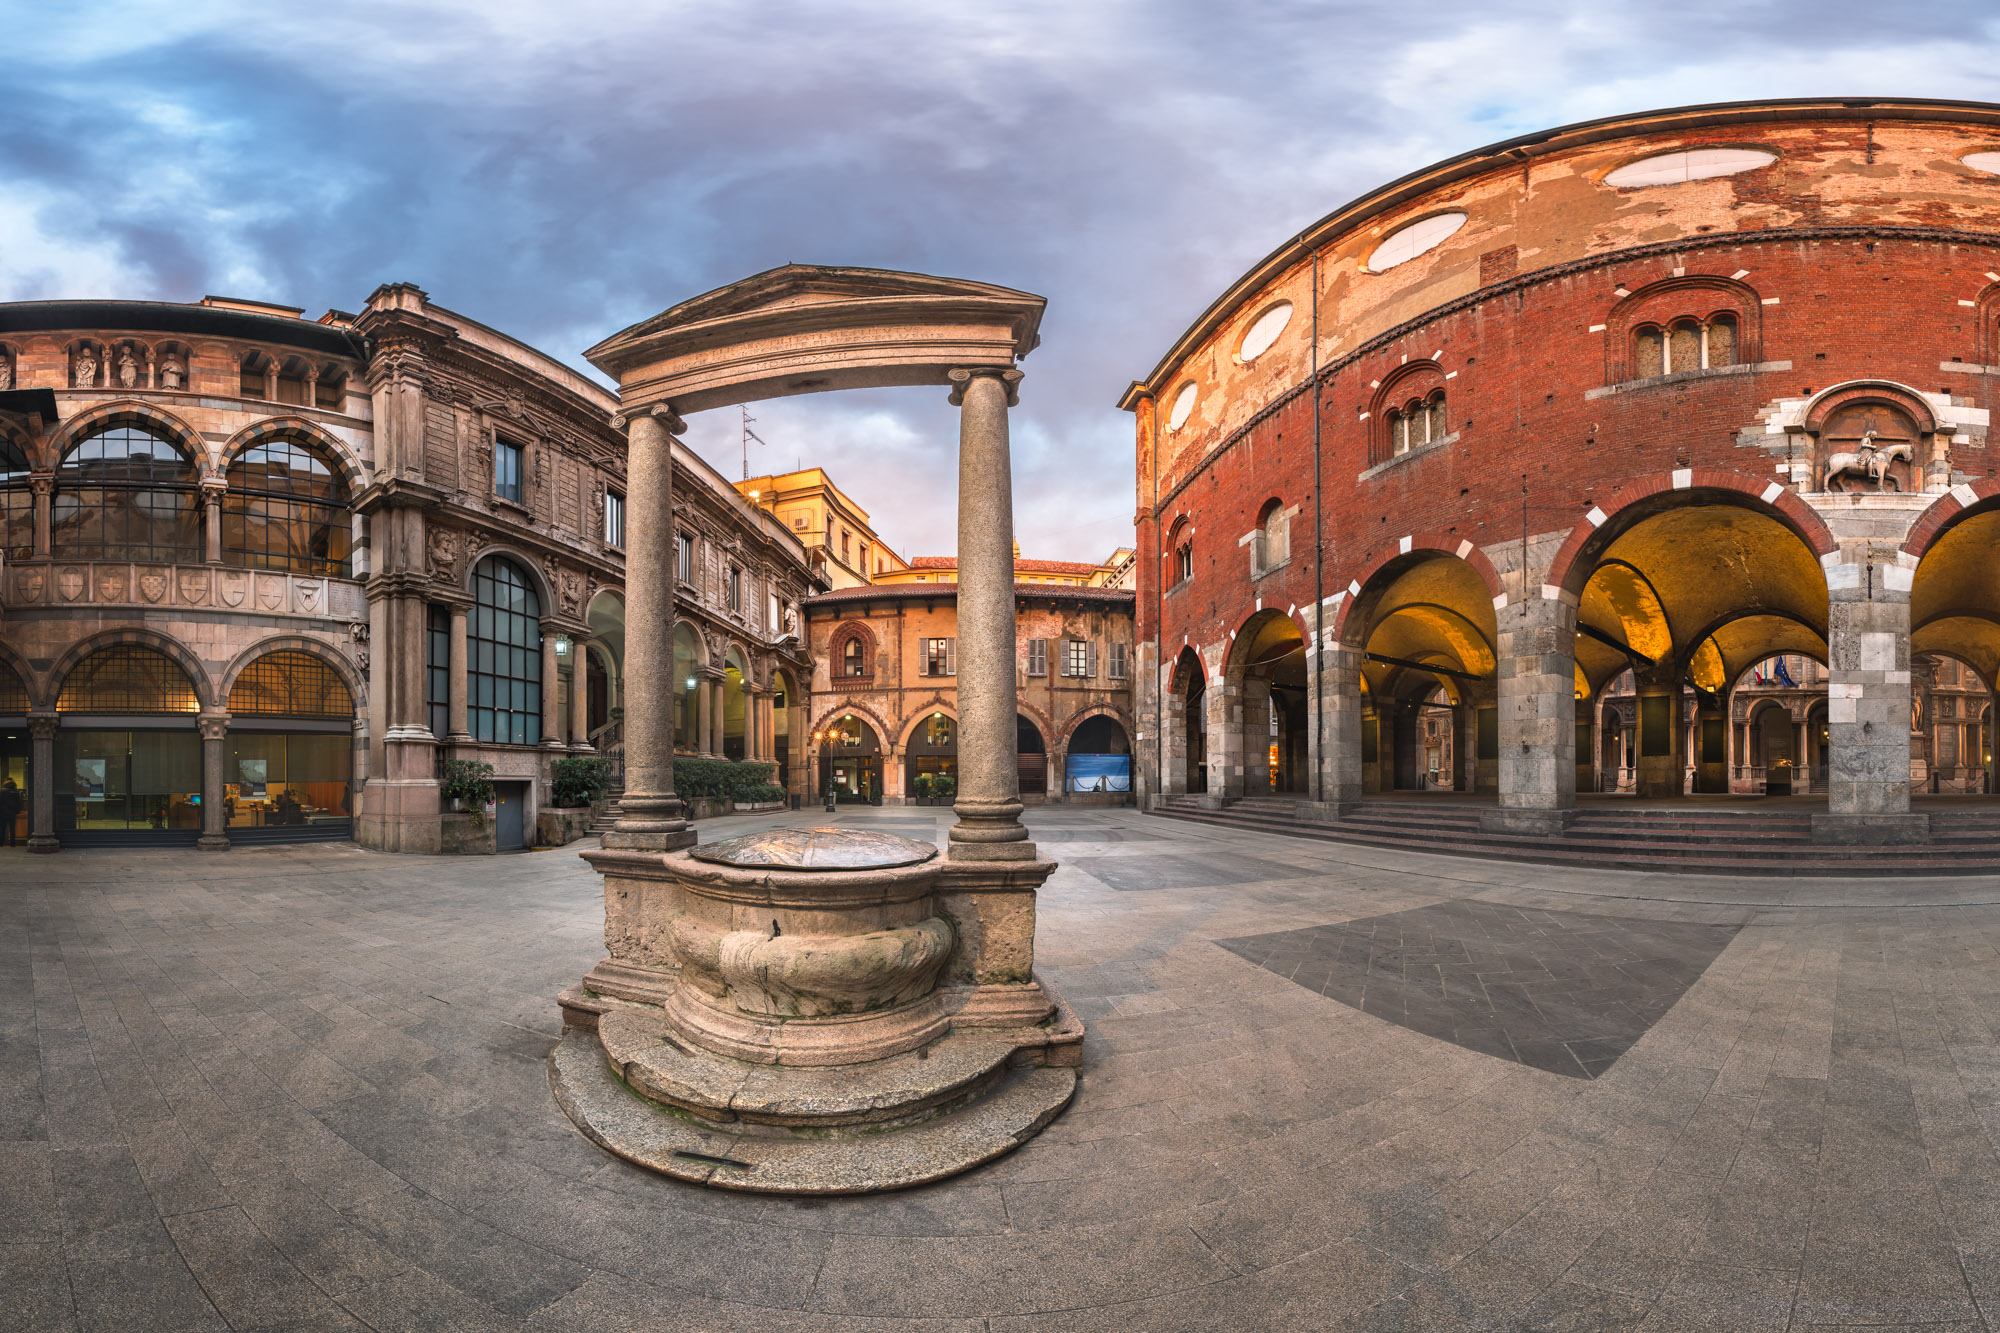 Palazzo della Ragione and Piazza dei Mercanti, Milan, Italy